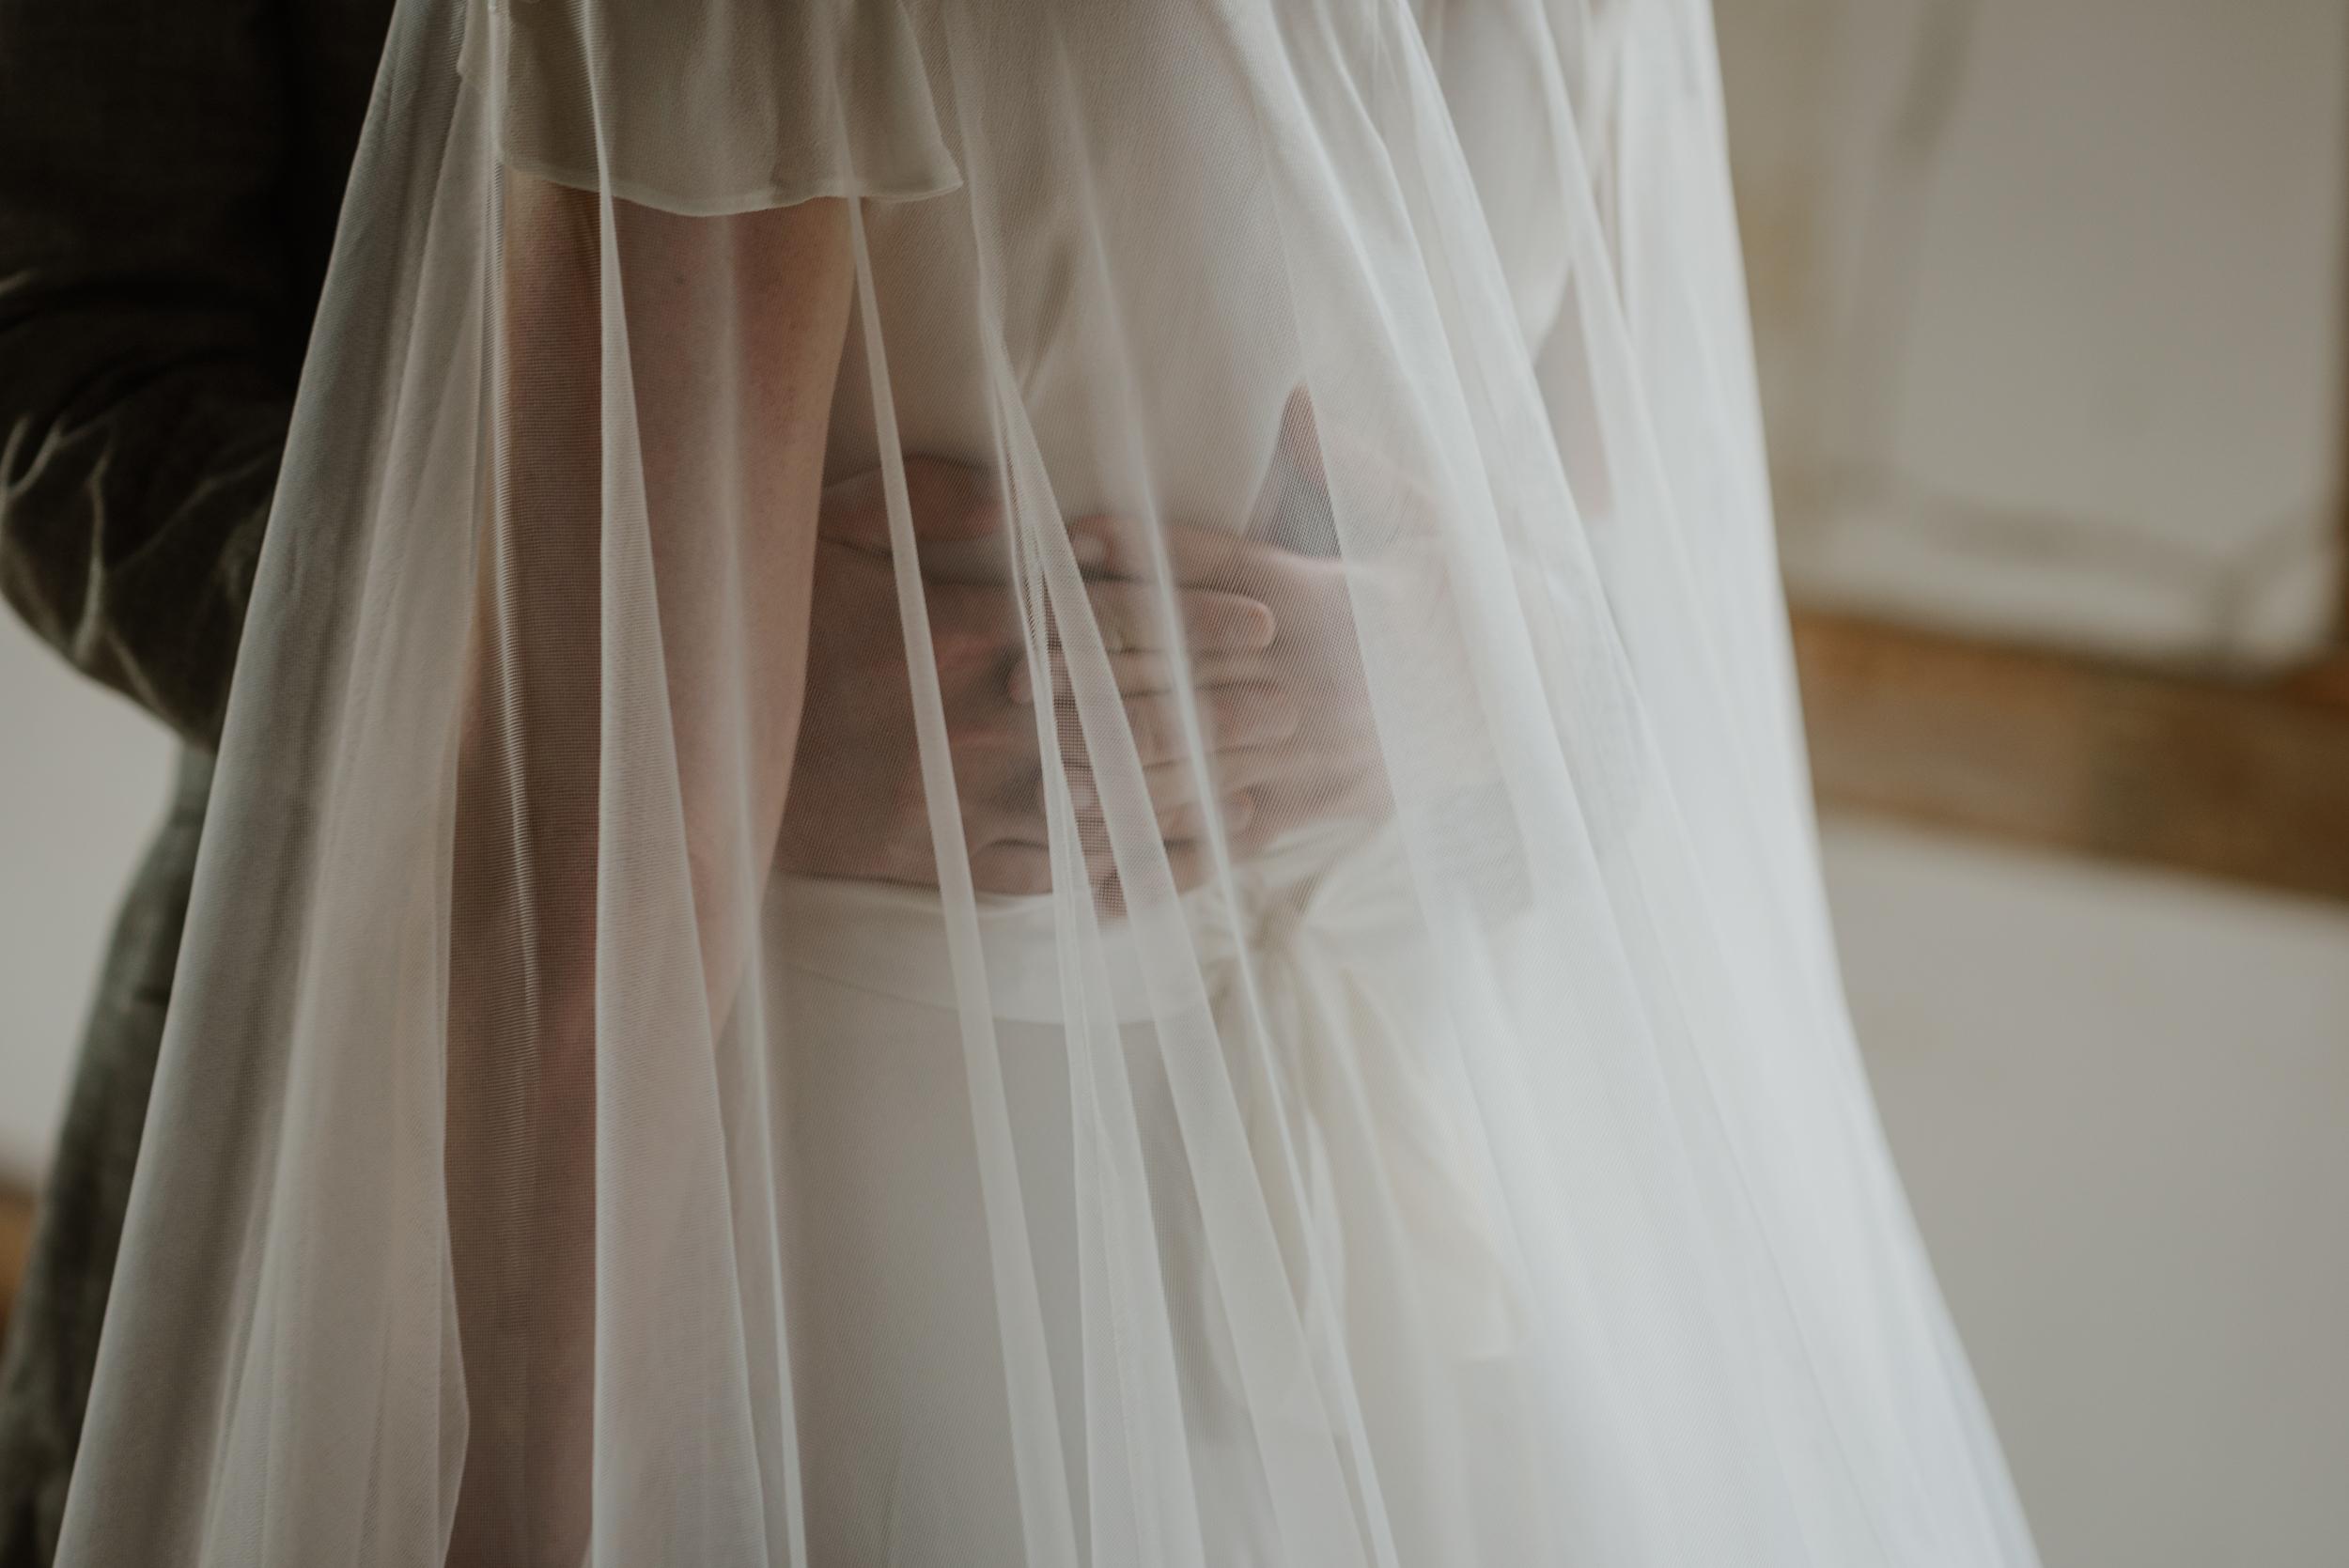 028-san-francisco-headlands-center-for-the-arts-wedding-vivianchen-256.jpg